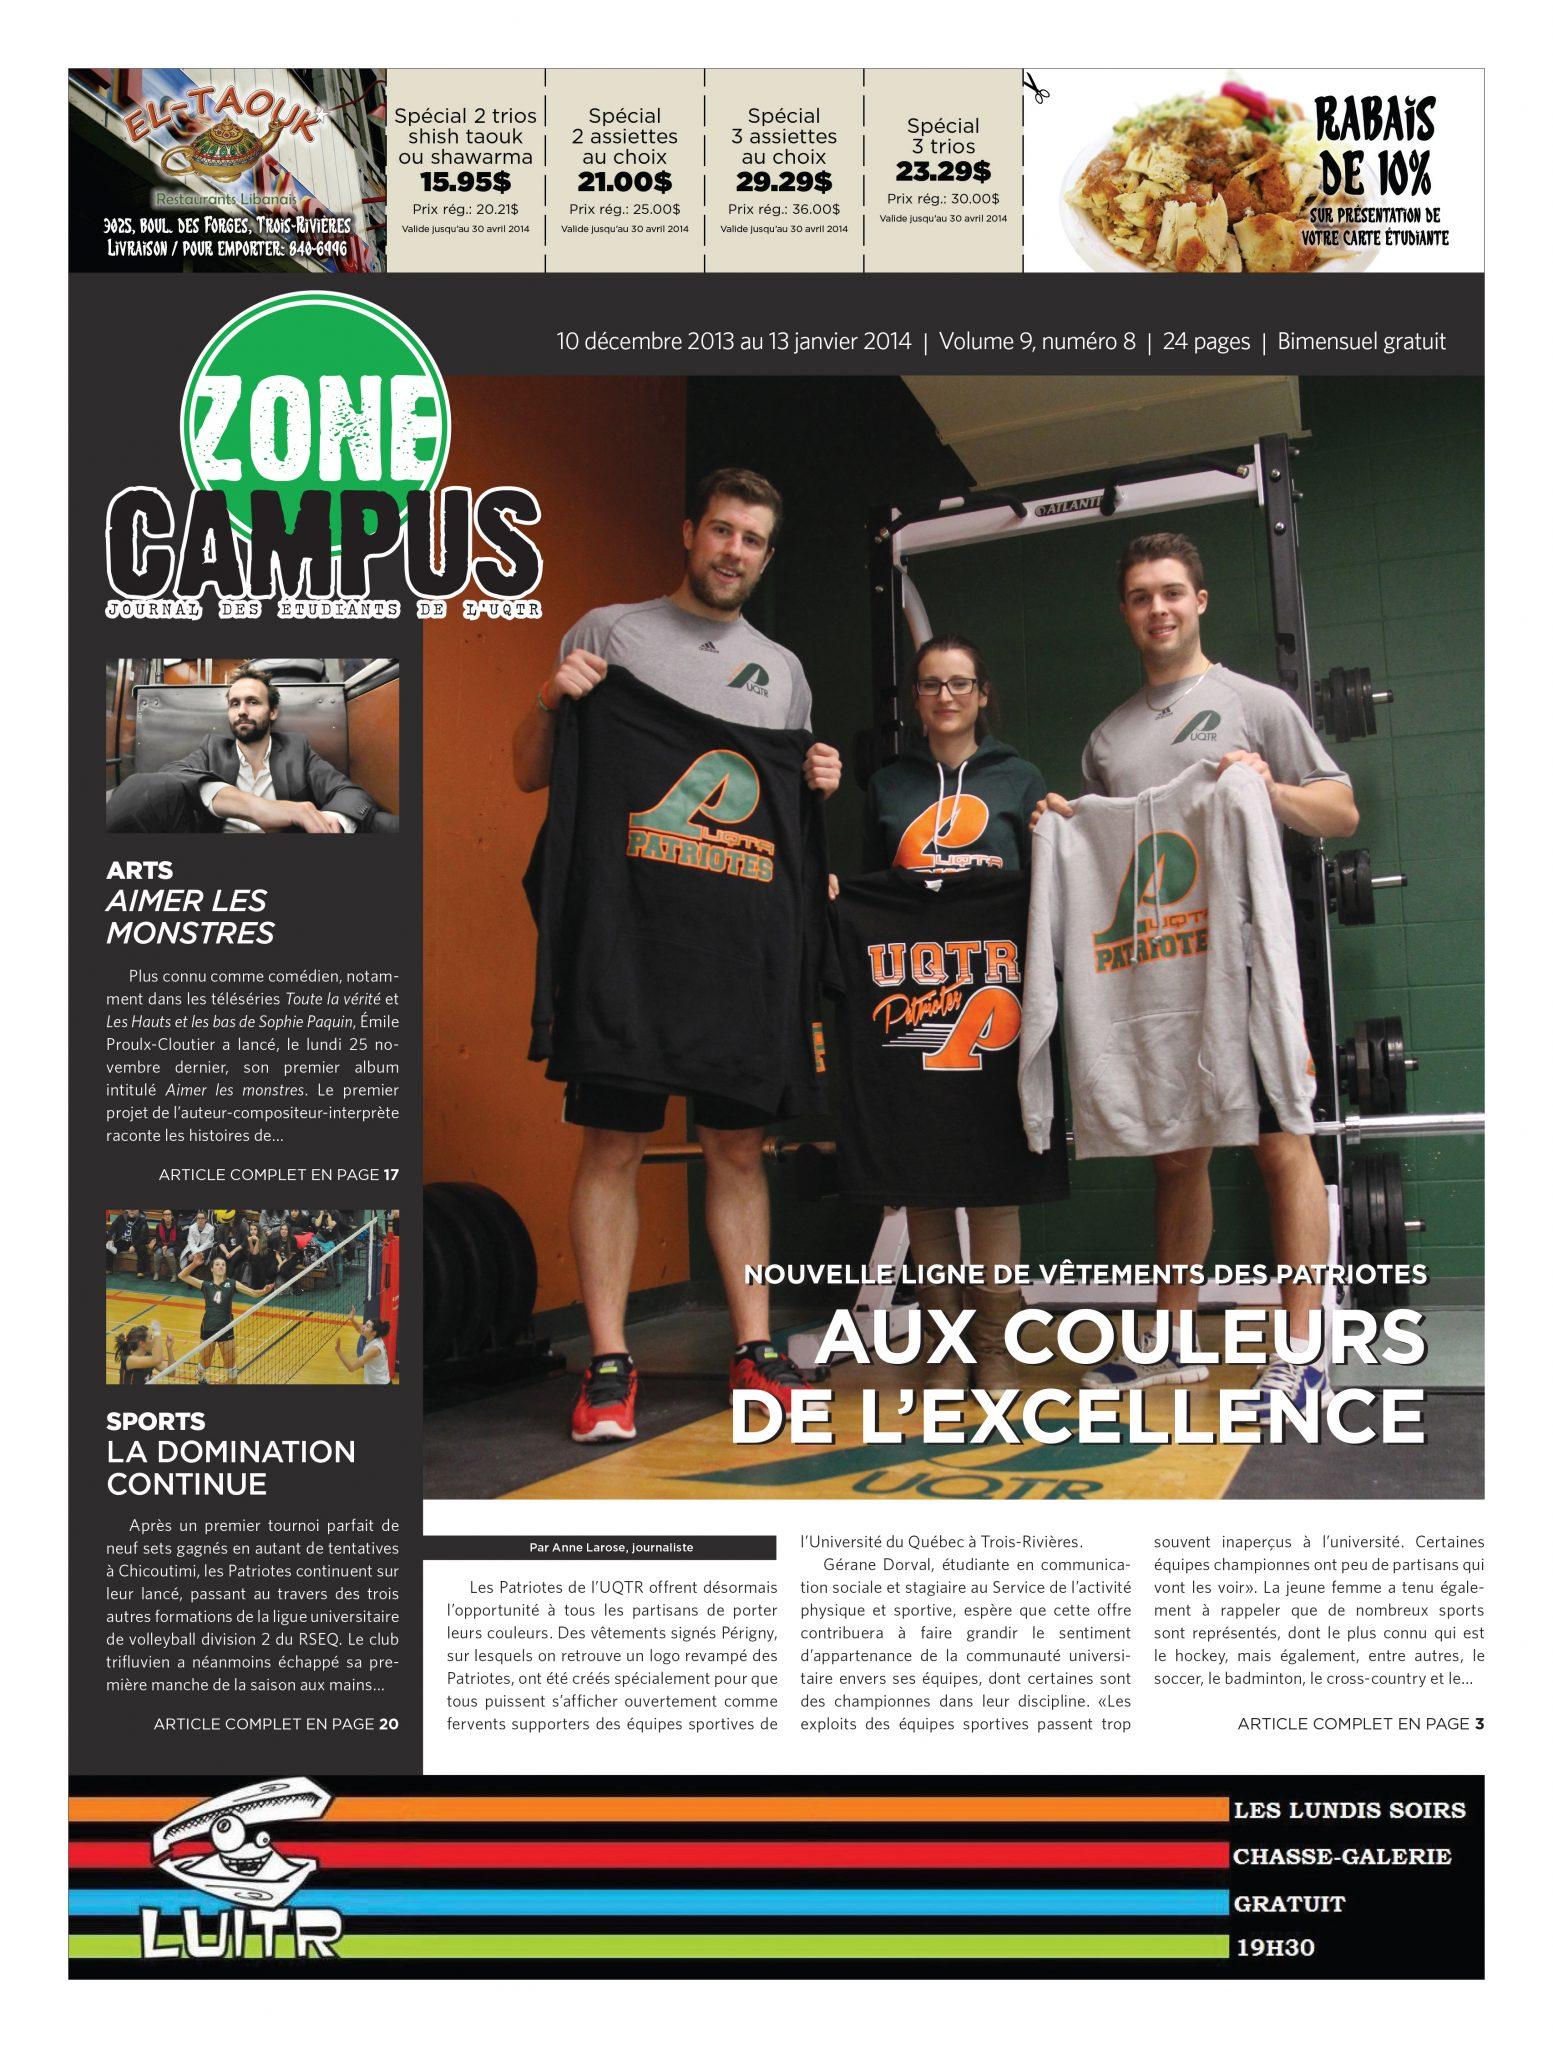 zonecampus20131210